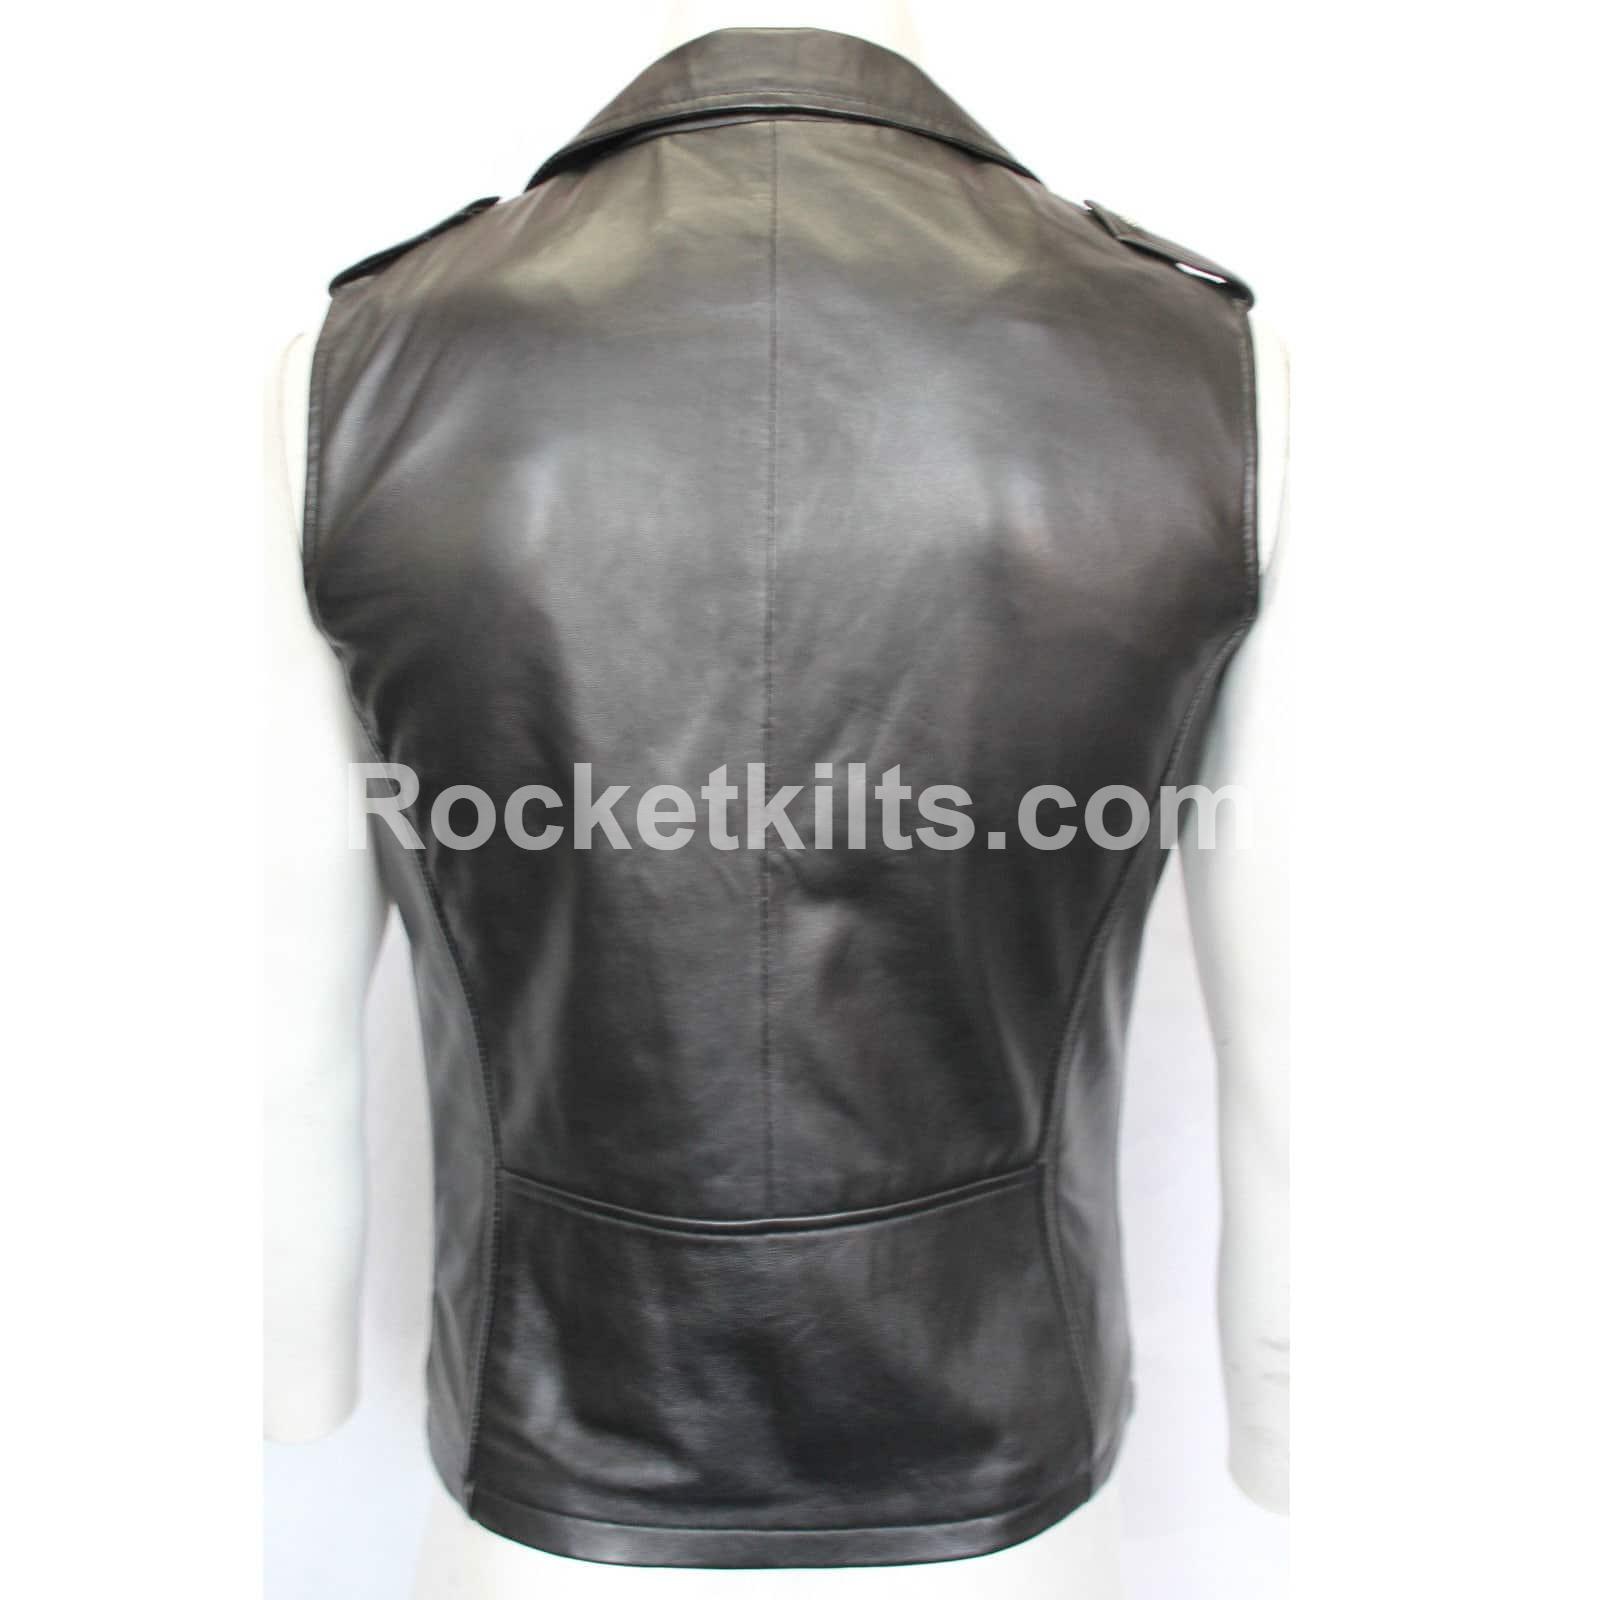 Sleeveless leather jackets